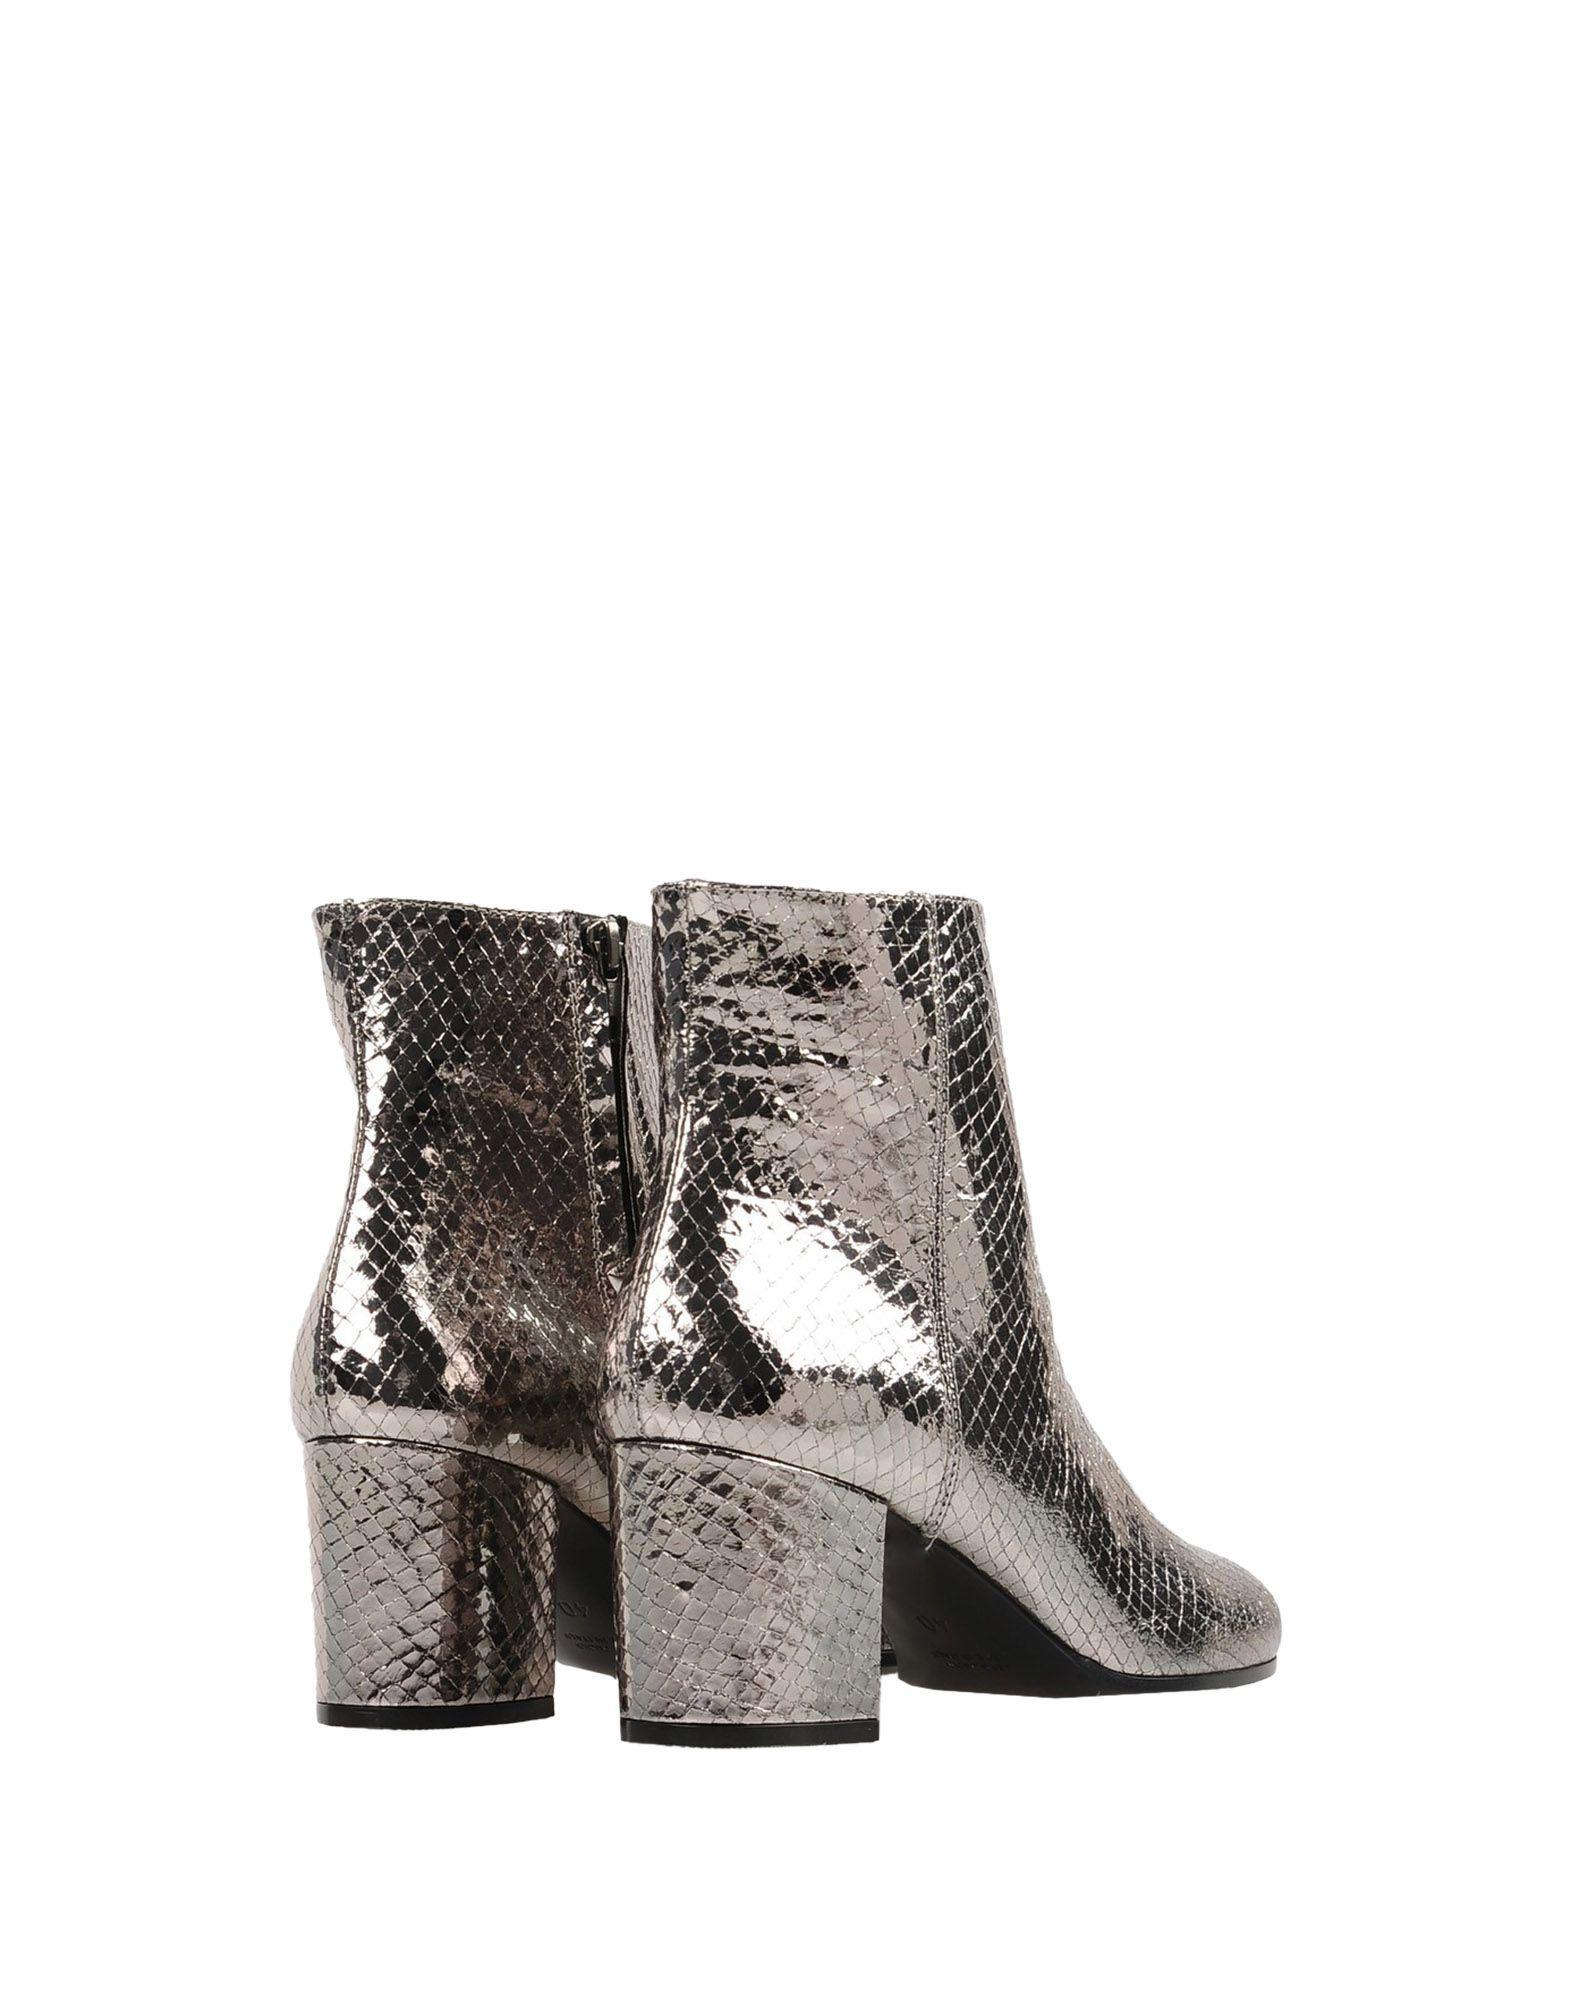 Paris Paris Paris Texas Stiefelette Damen  11334556MG Beliebte Schuhe 64c922